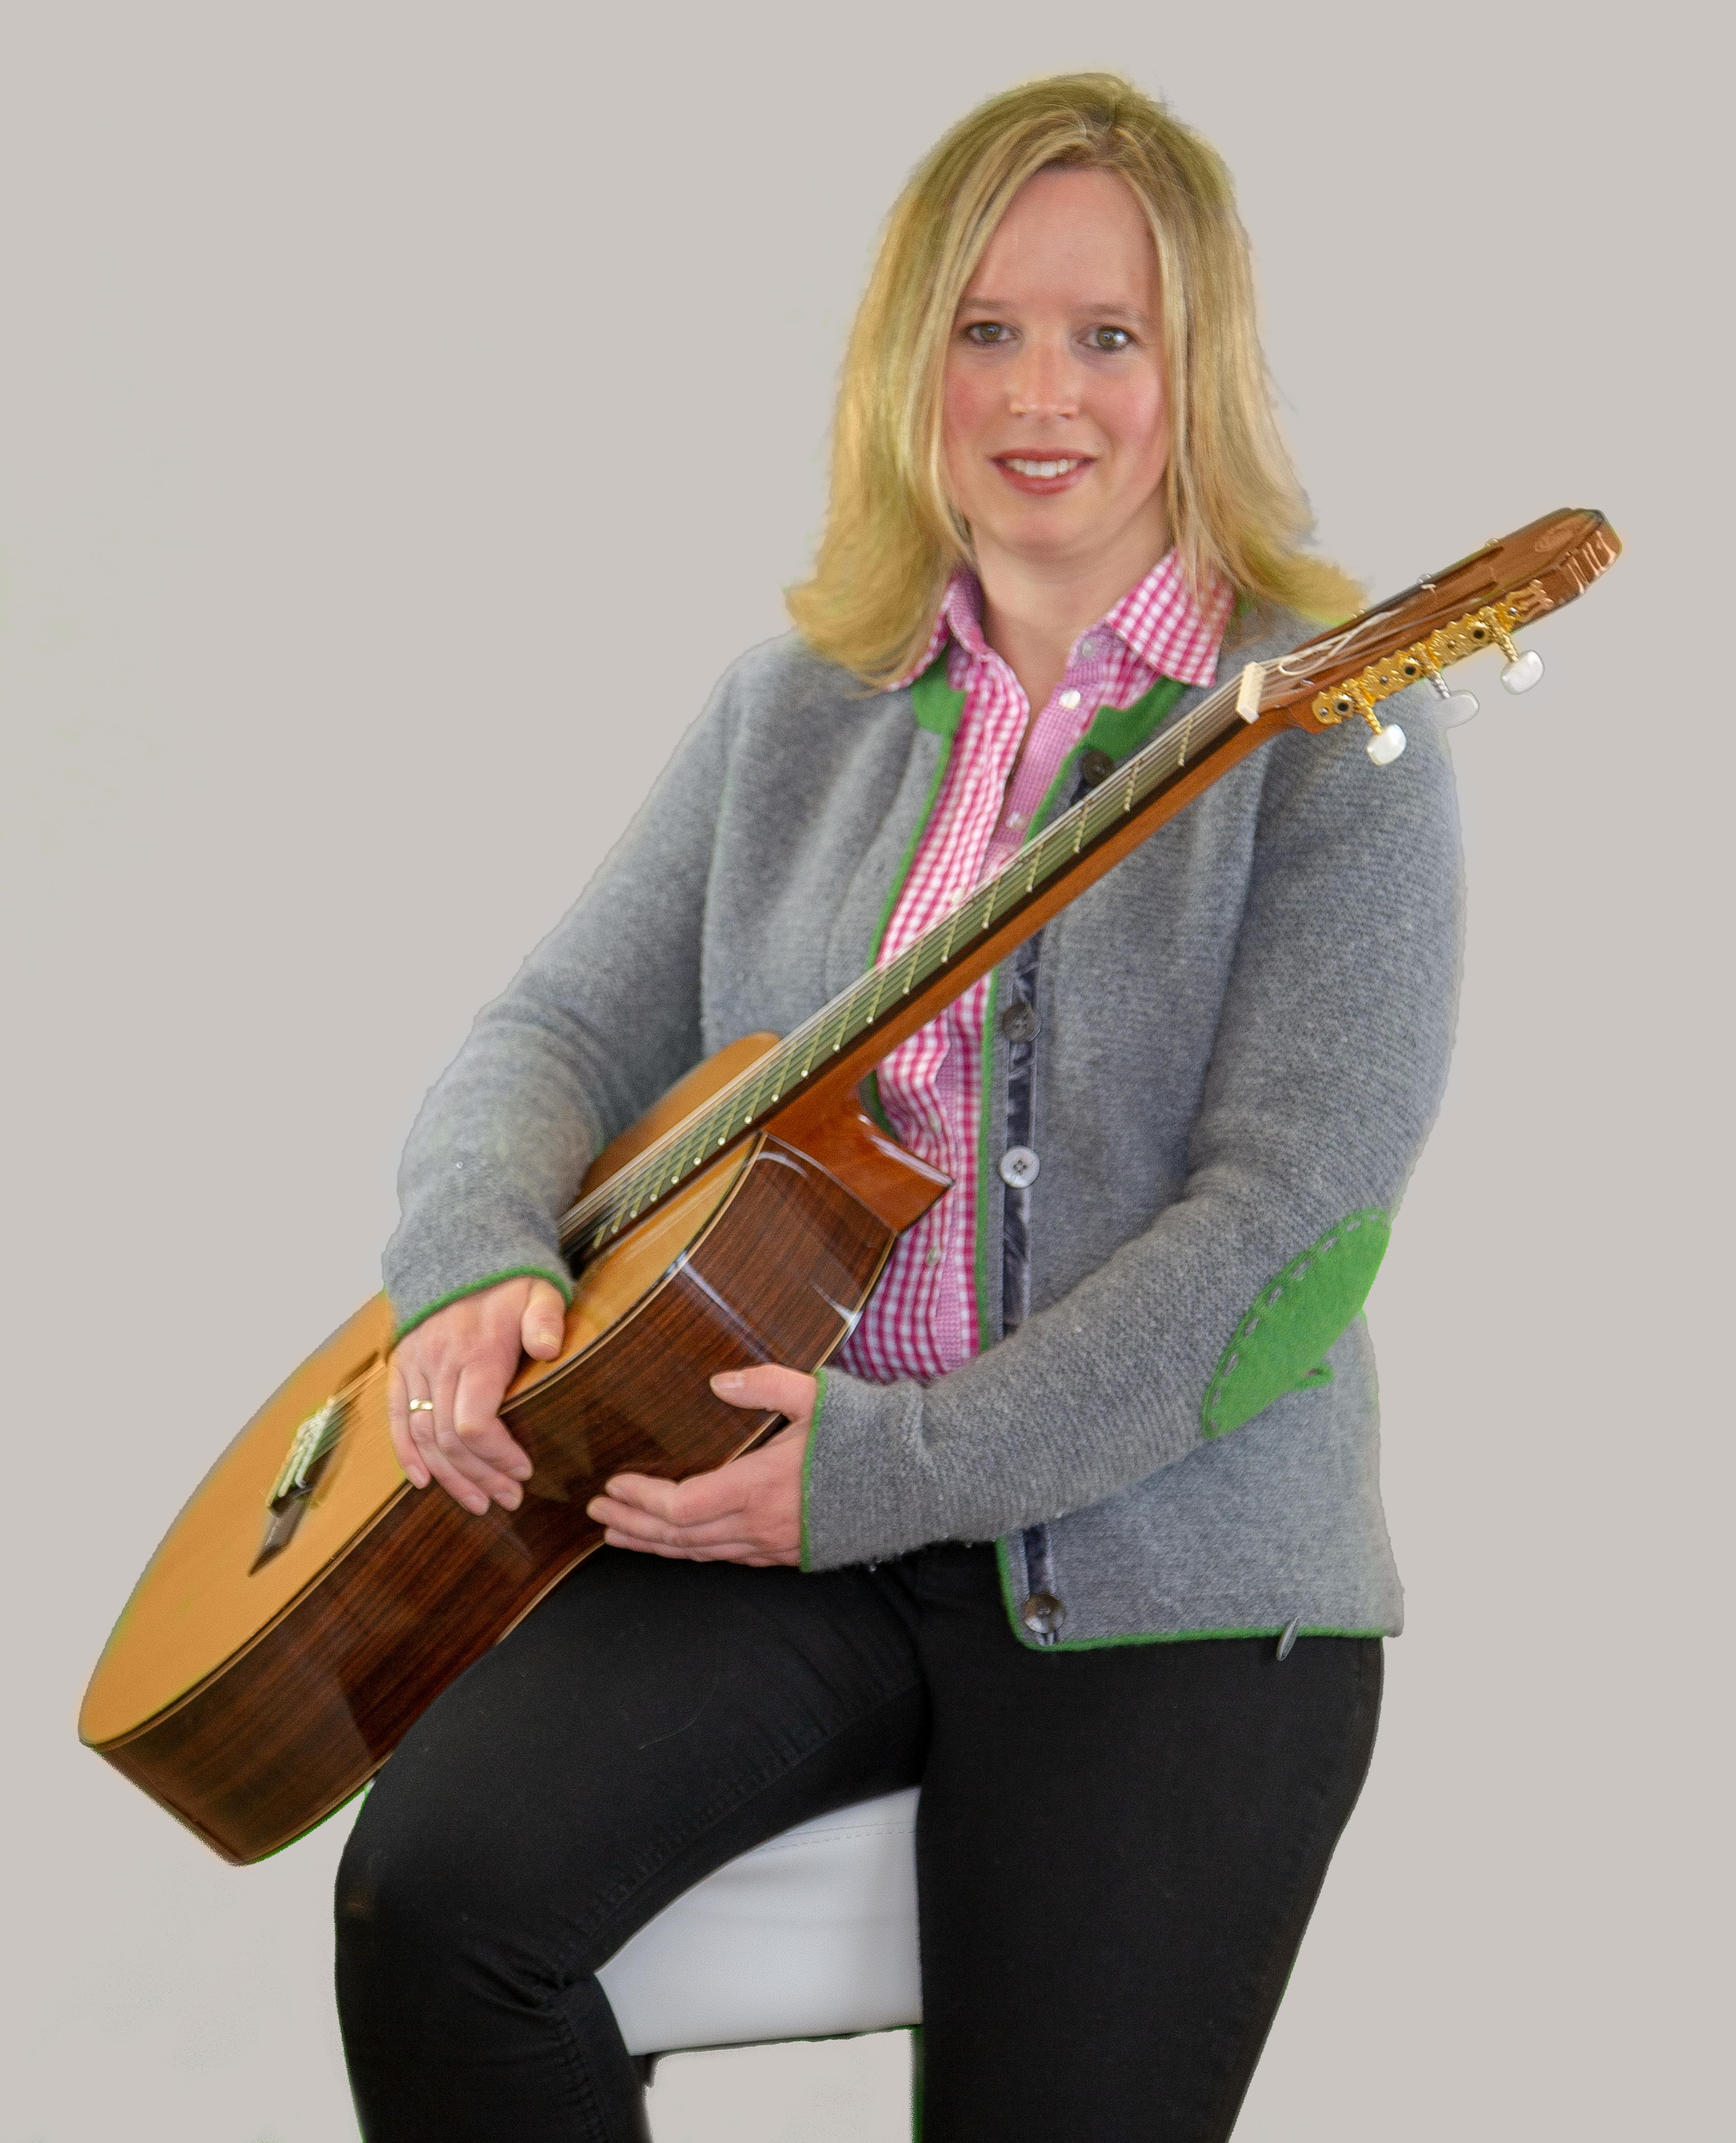 Anita Hopf